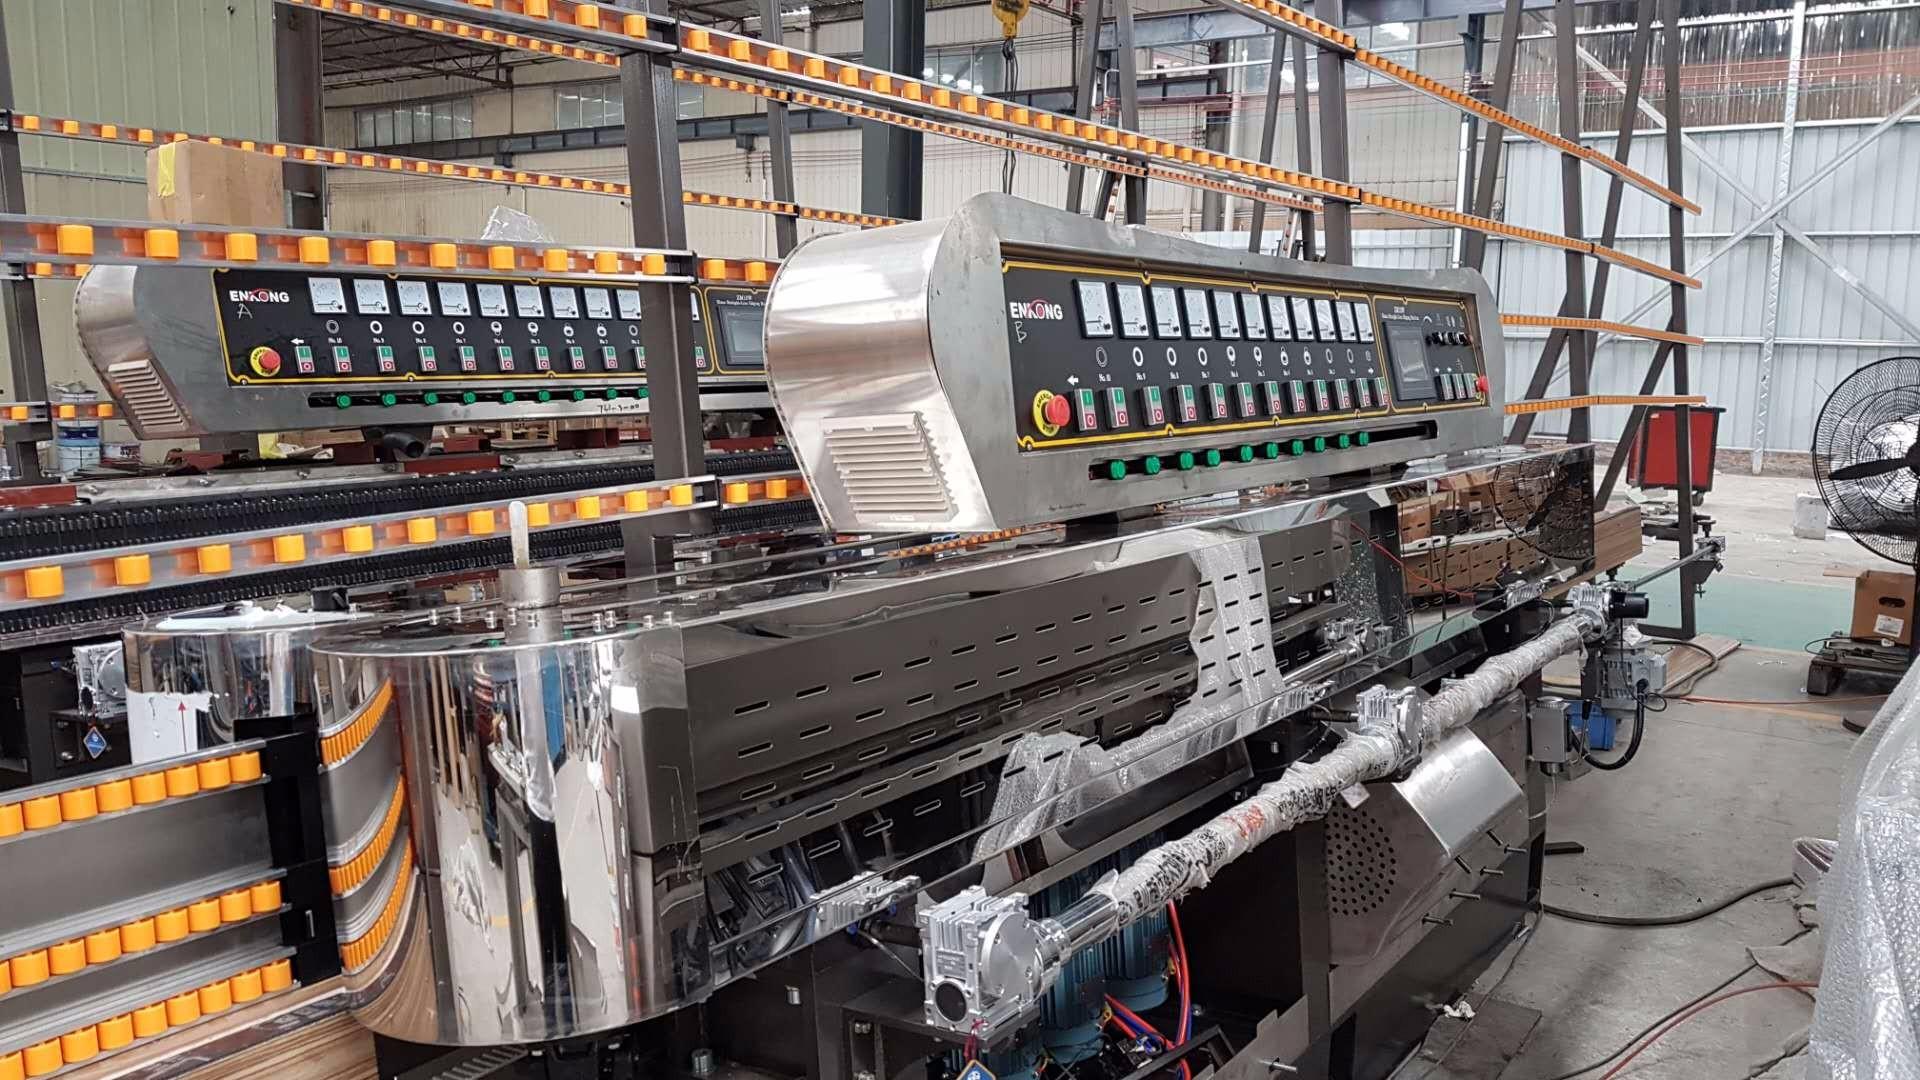 ZM10W Glass Straight - Line Edging Machine Manufacturers, ZM10W Glass Straight - Line Edging Machine Factory, Supply ZM10W Glass Straight - Line Edging Machine